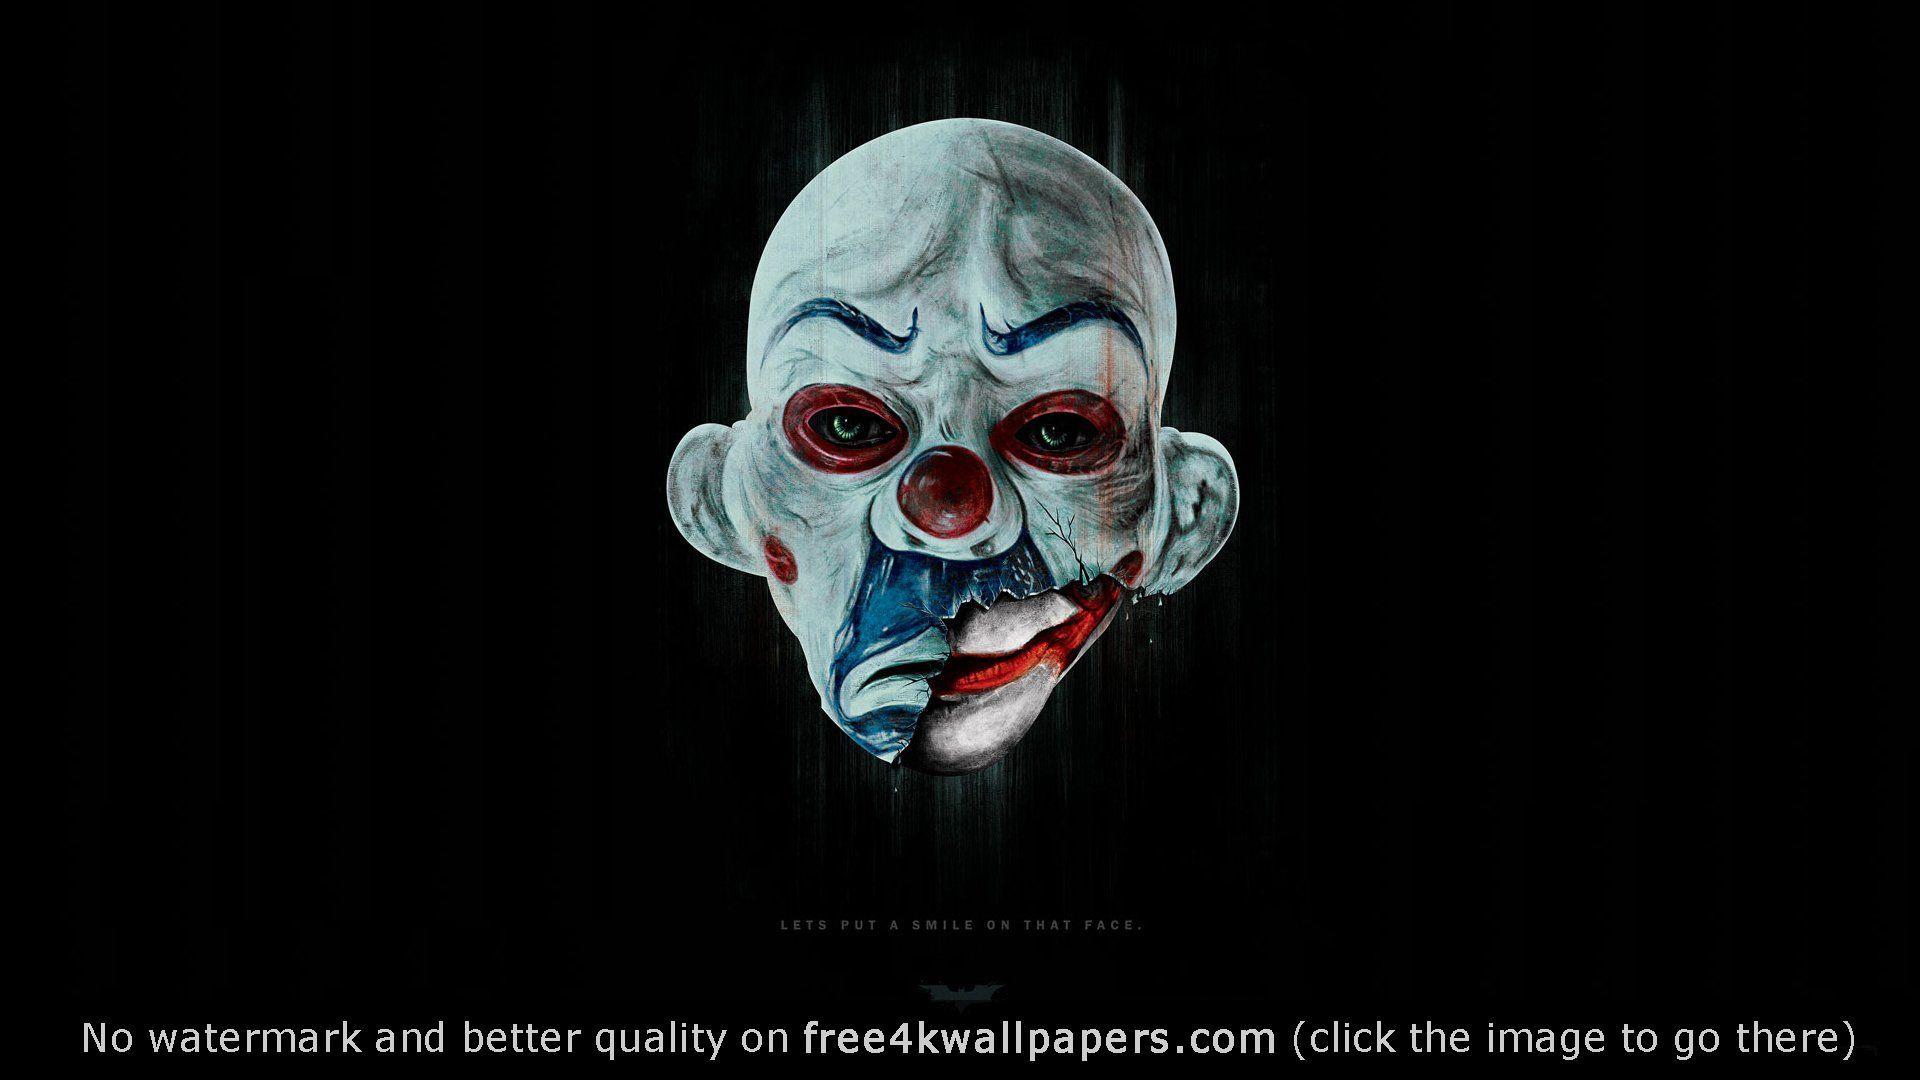 Made a Quick Joker From an Amazing Artwork wallpaper